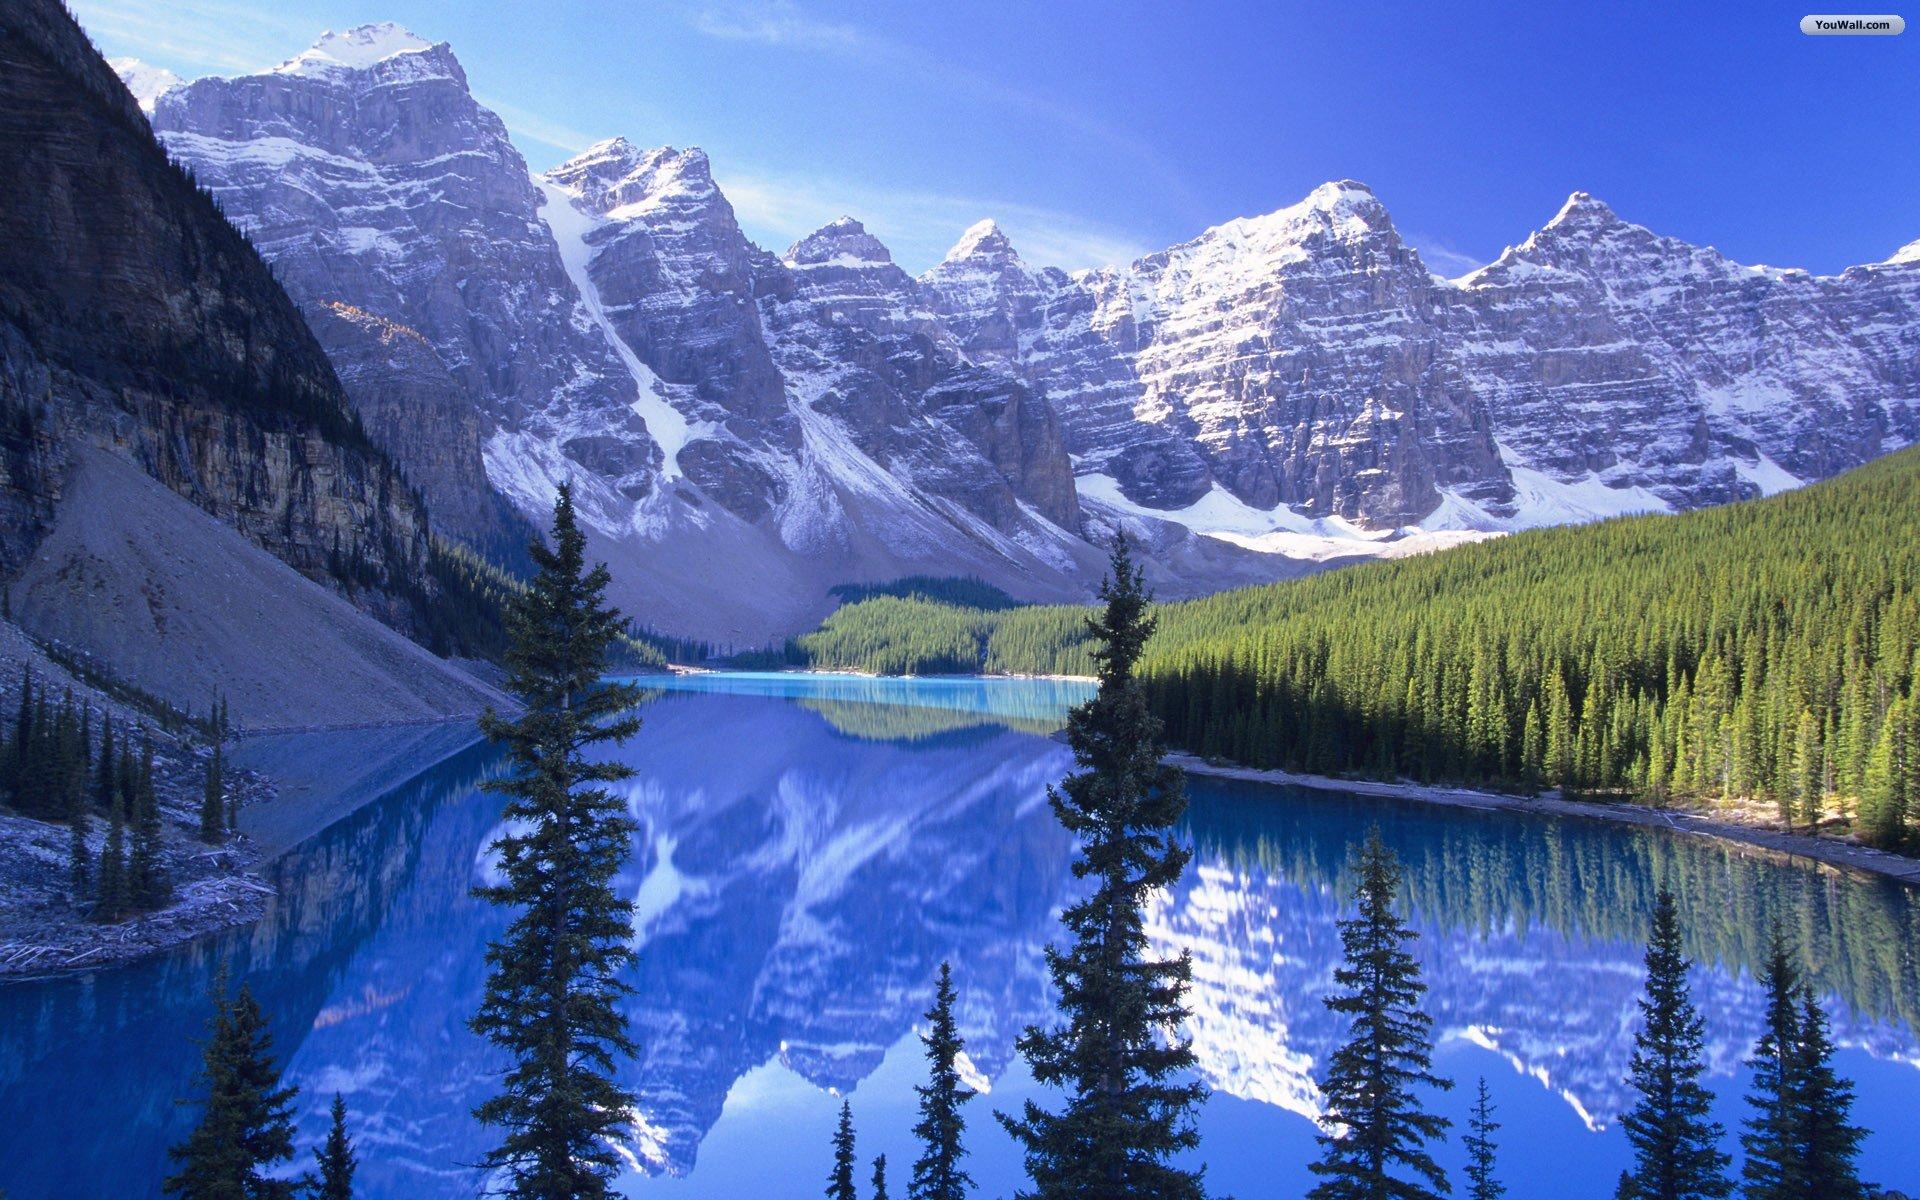 Moraine Lake Canada Wallpaper   wallpaperwallpapersfree wallpaper 1920x1200